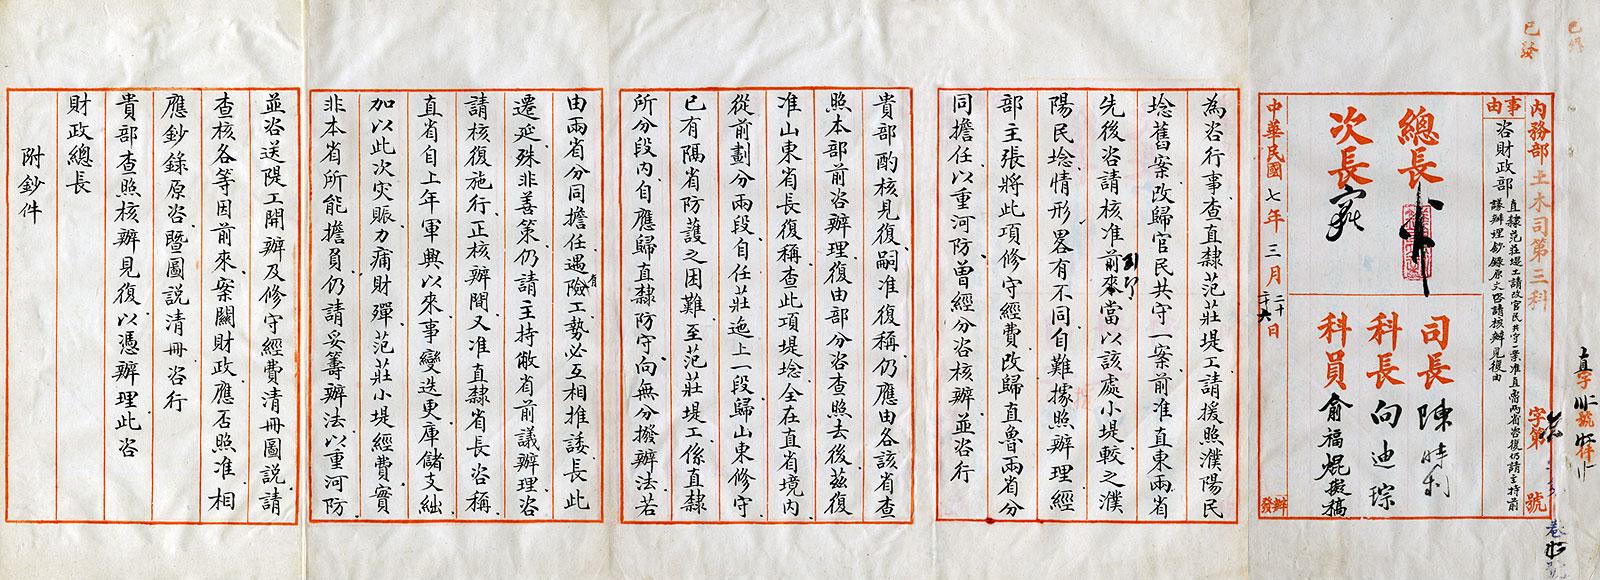 1918年3月,內務部咨財政部,有關直隸范莊堤工請改官民共守事宜。(10-21-01-009-02-004)